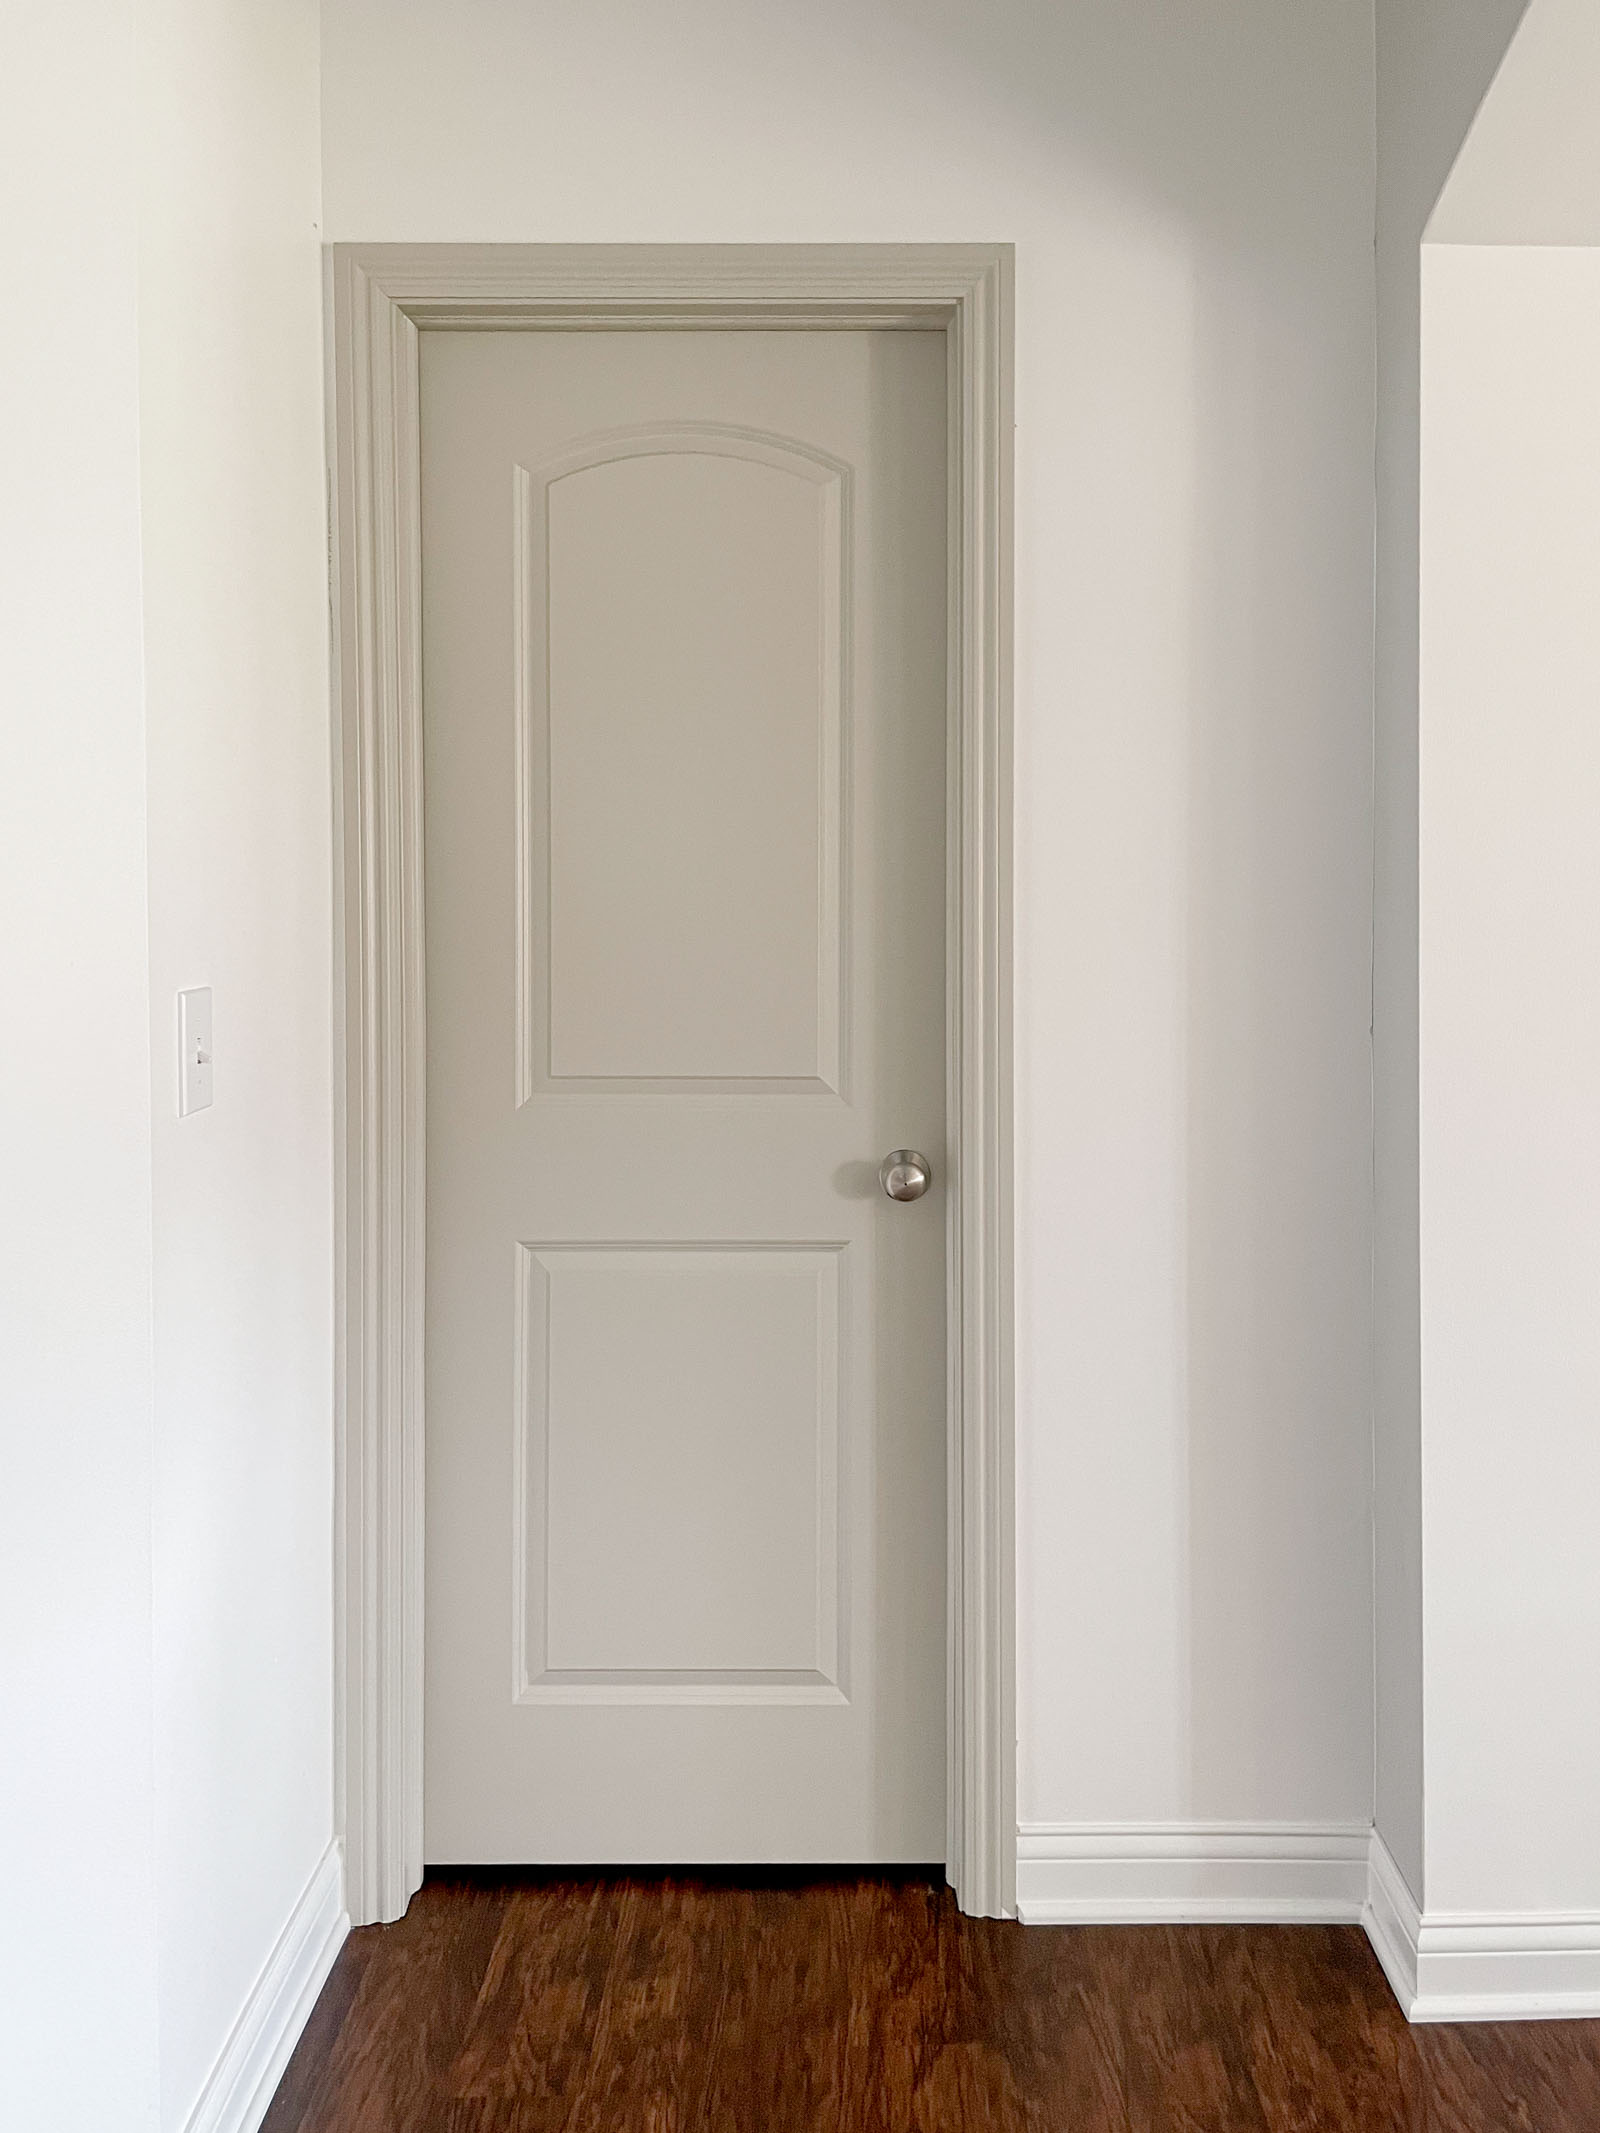 How to Paint Interior Doors | Revere Pewter by Benjamin Moore, greige paint, greige door, painted interior door and trim